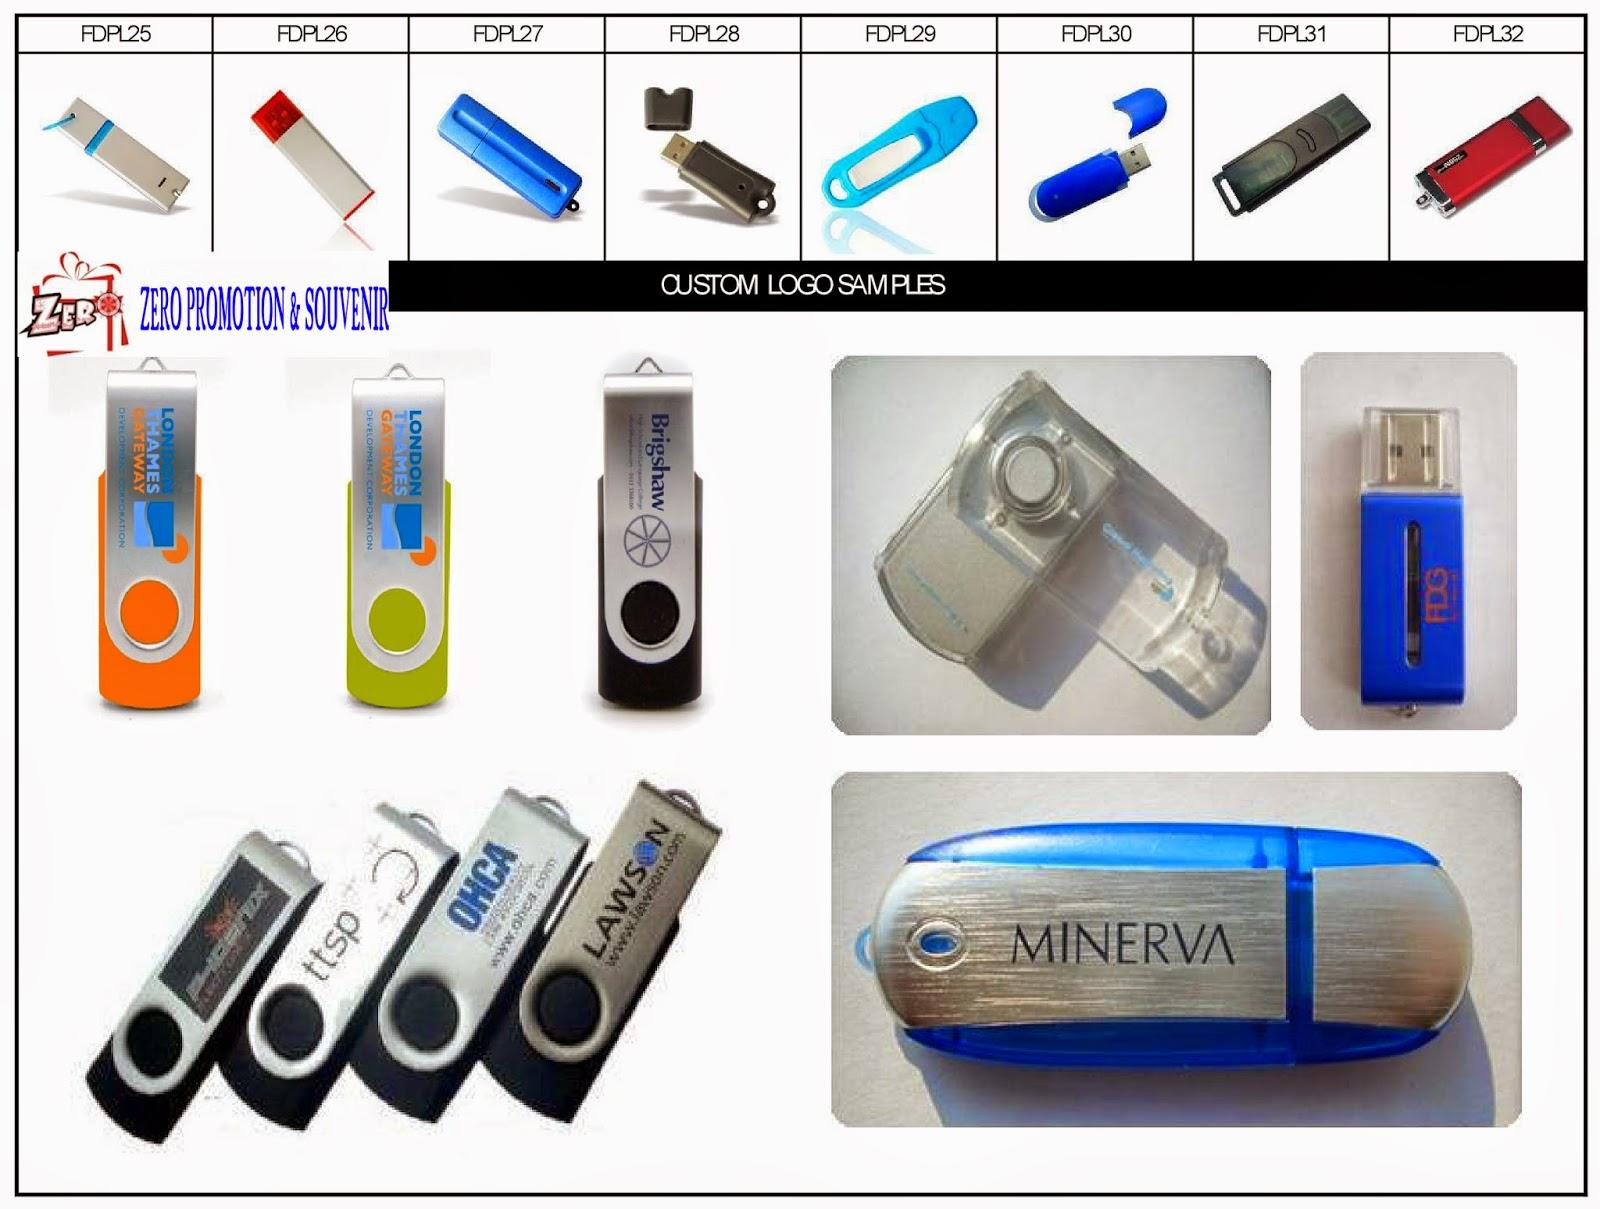 Jual USB Flashdisk Promosi